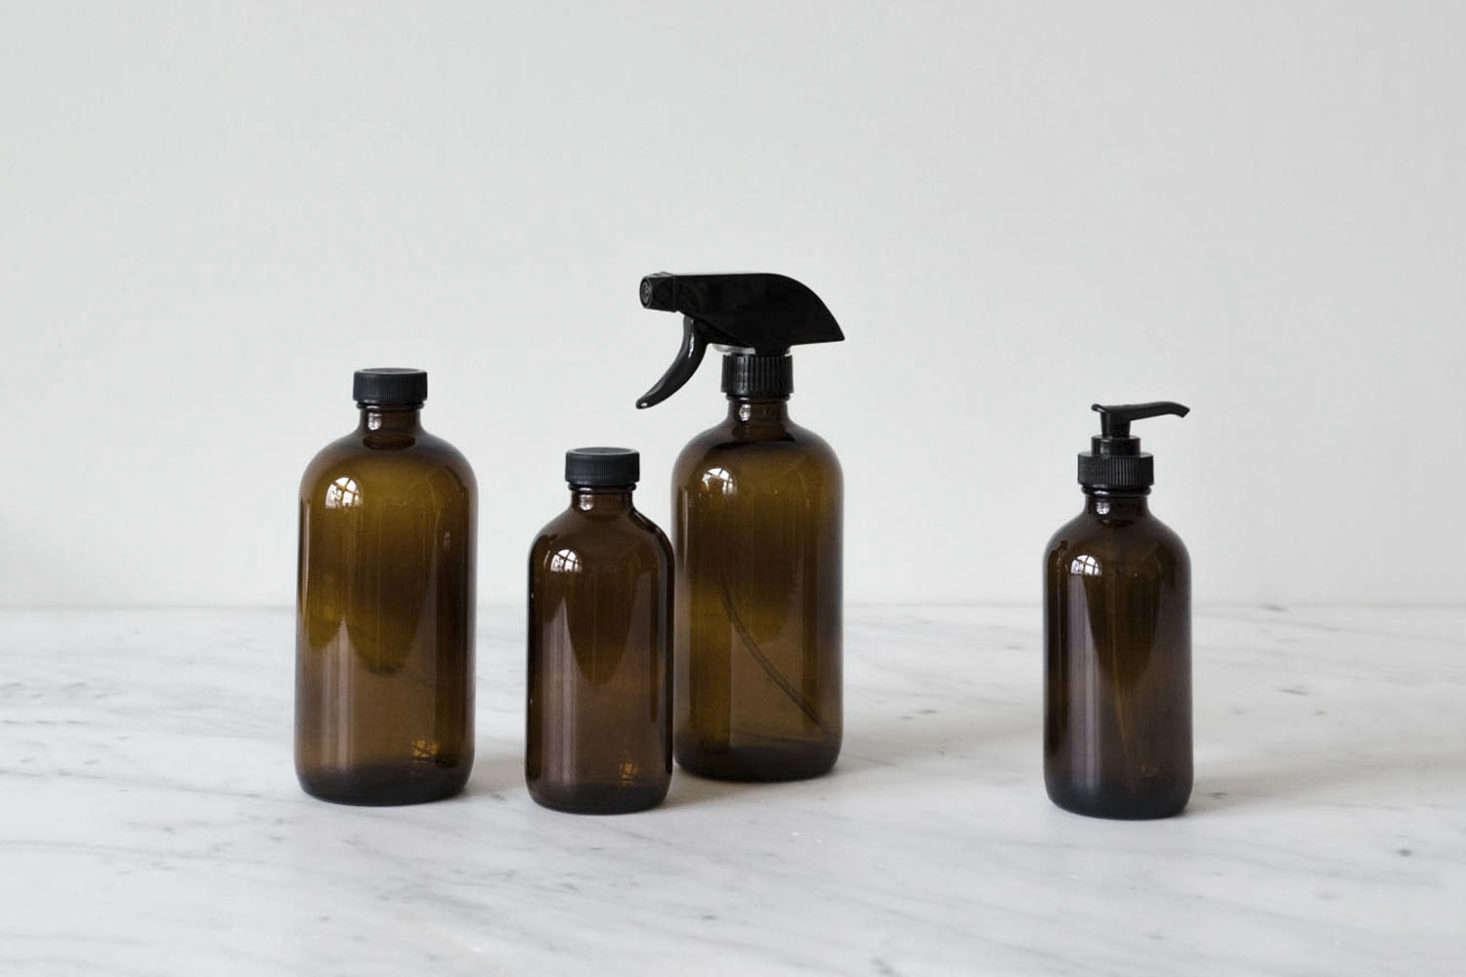 Amber Glass Bottles range from $src=